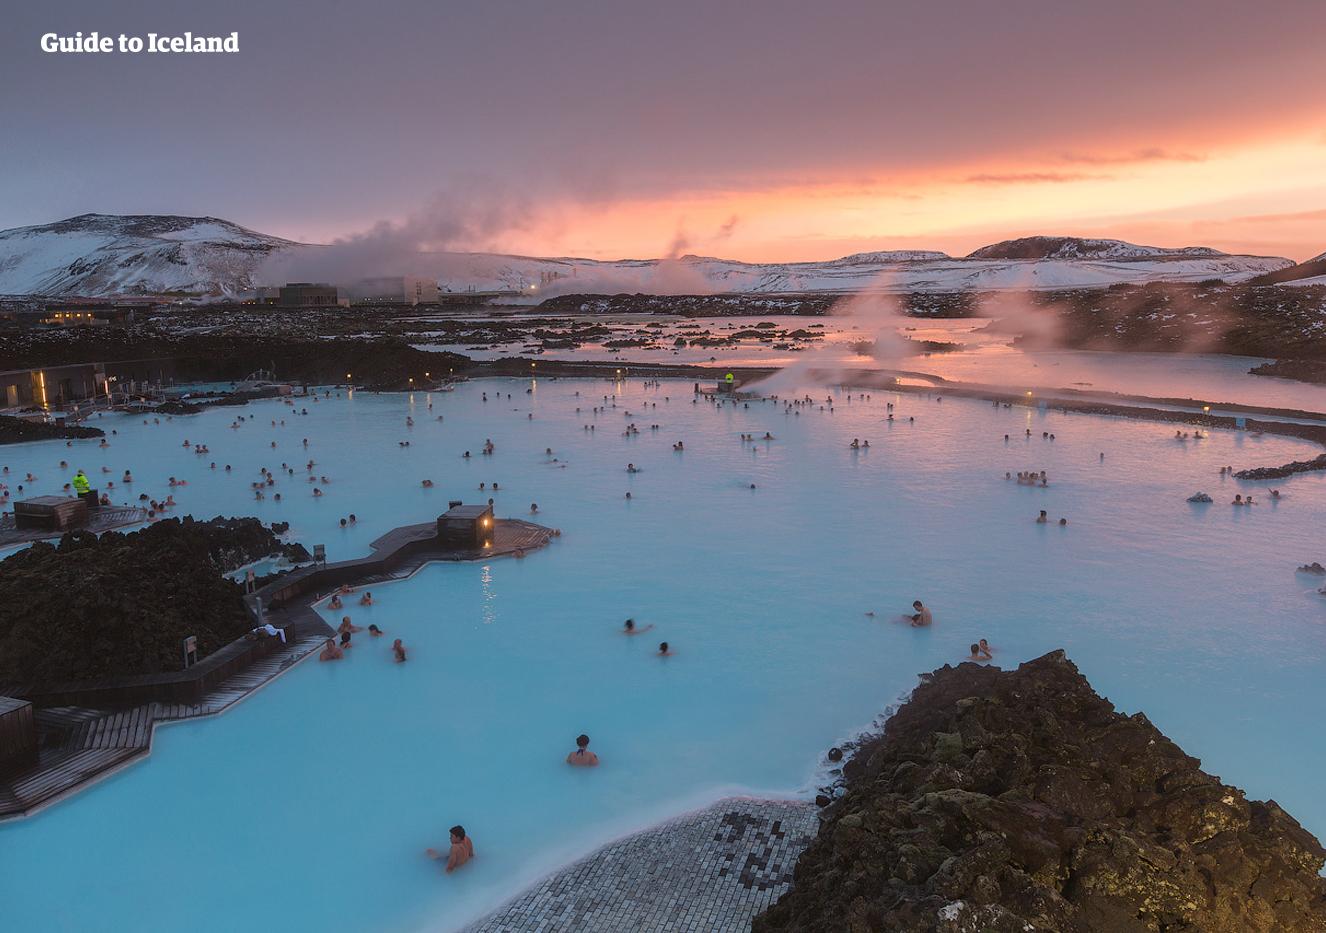 冰岛蓝湖温泉帮助您洗去旅途的疲惫,是长途飞行后的完美休闲地点。